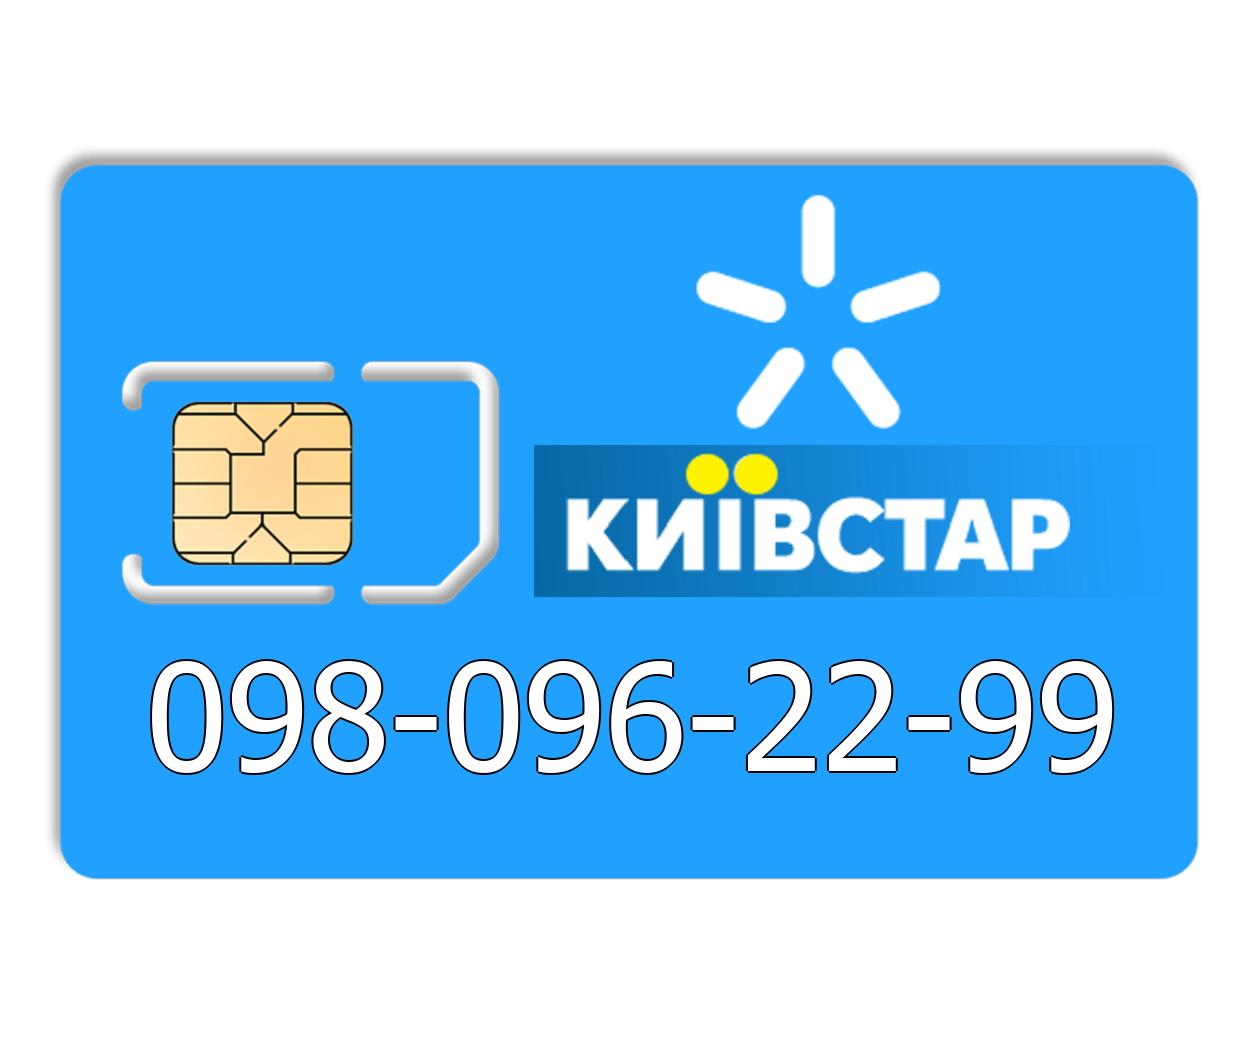 Красивый номер Киевстар 098-096-22-99